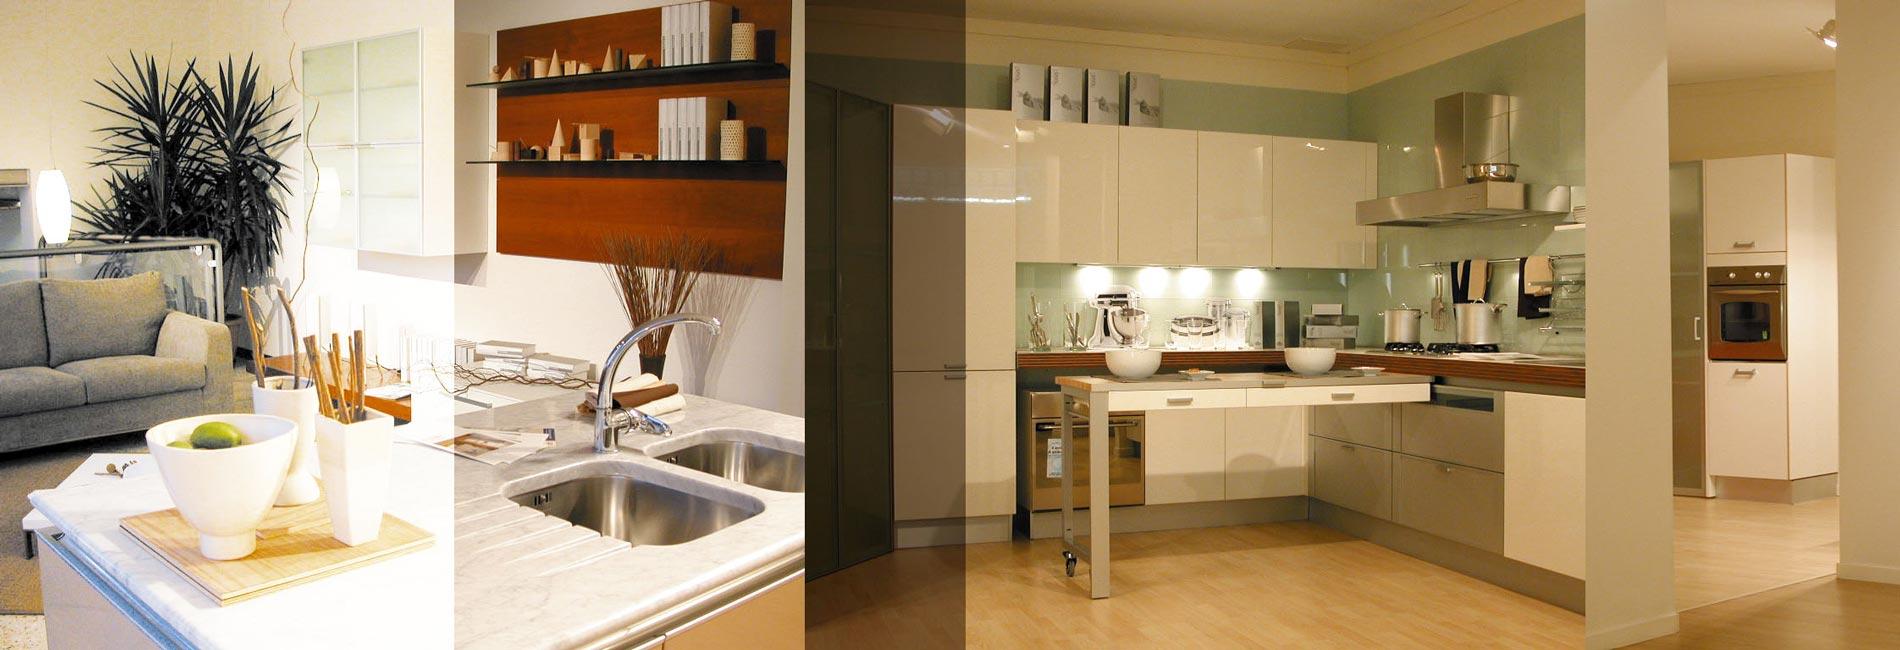 Arredamento interni per privati negozi spazi espositivi for Arredamento architettura interni